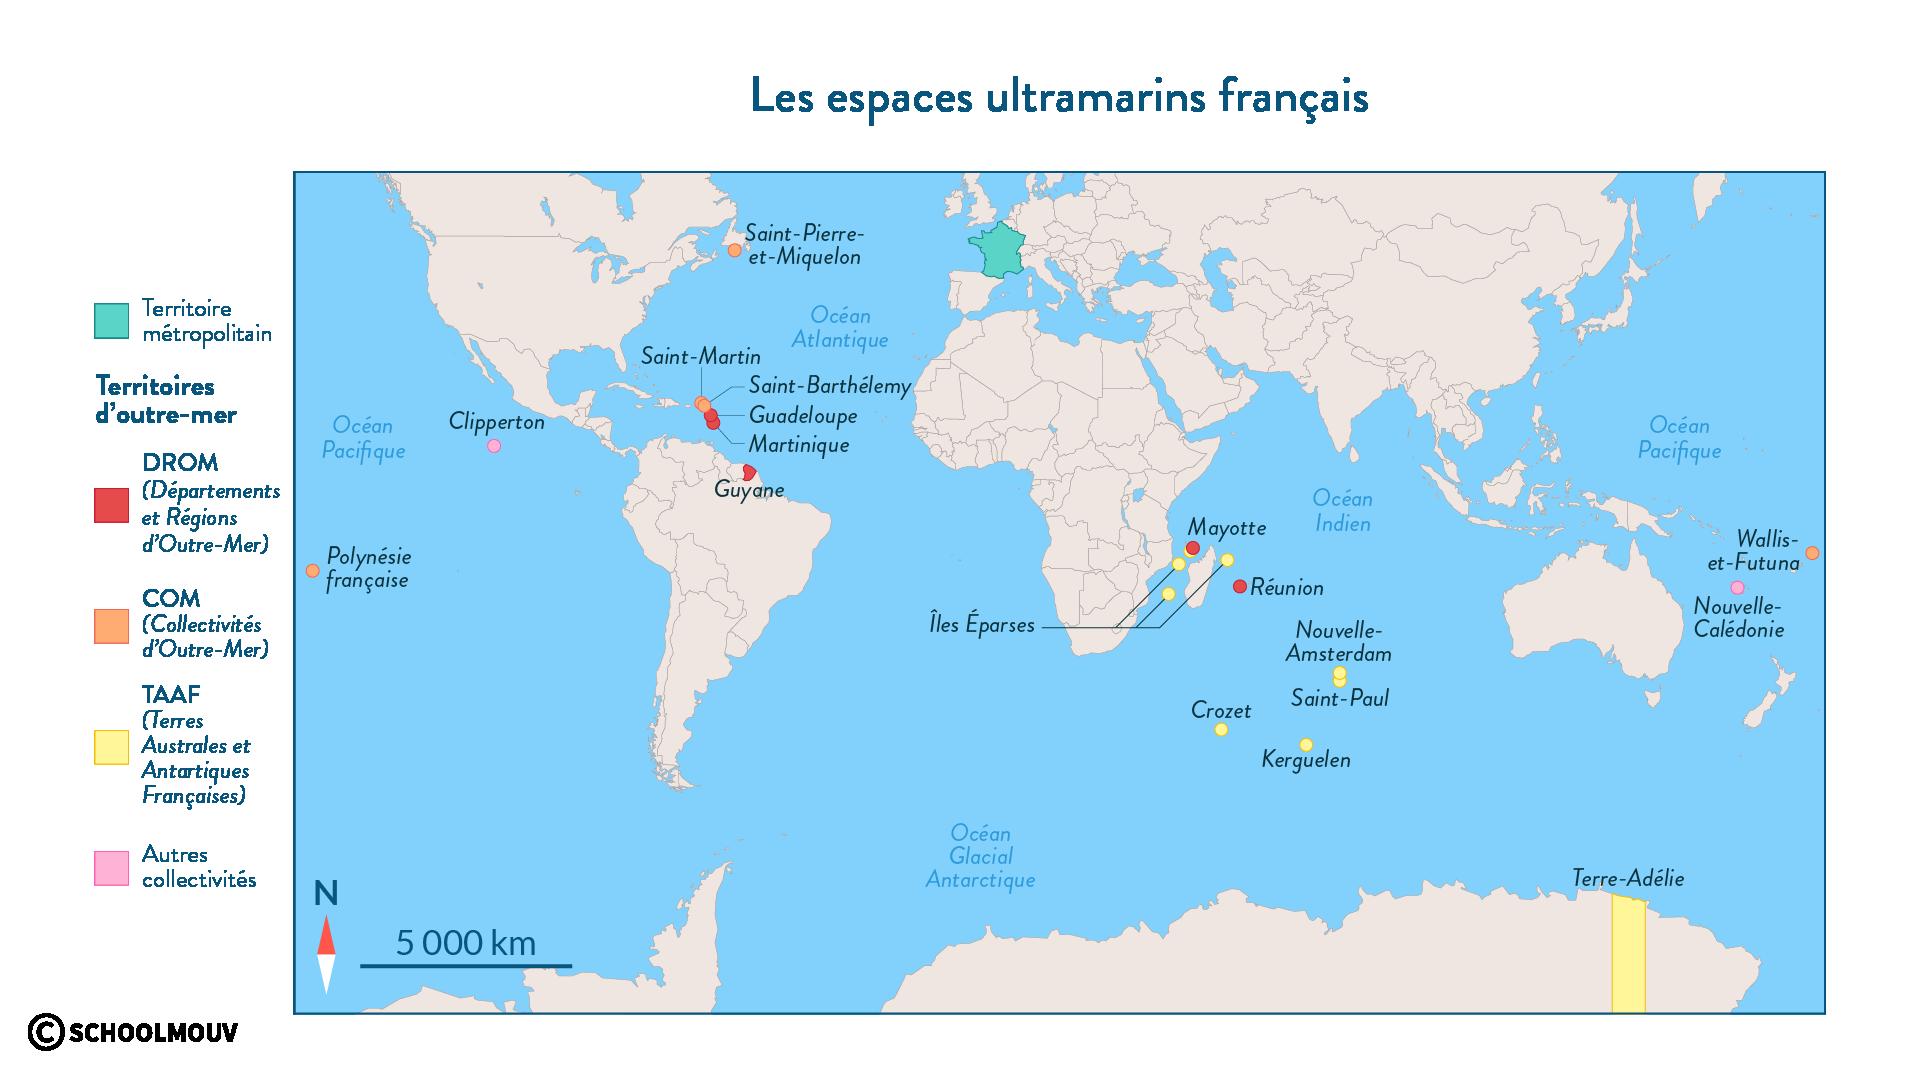 Les espaces ultramarins français - géographie - 2de - SchoolMouv